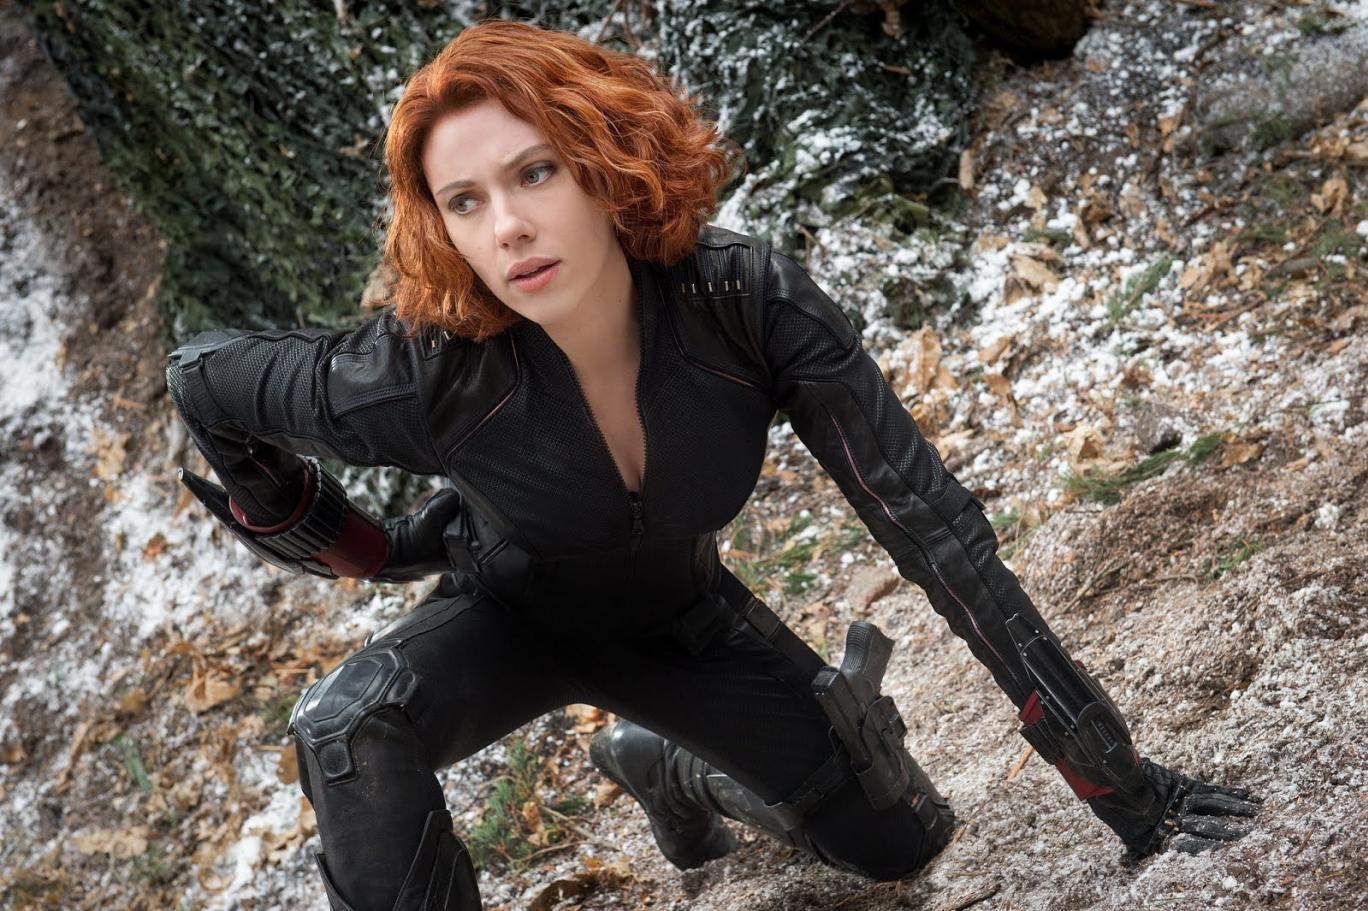 Black Widow'un Iron Man 2'deki rolü hayranların gördüğünden fazlasına  işaret ediyor   Independent Türkçe